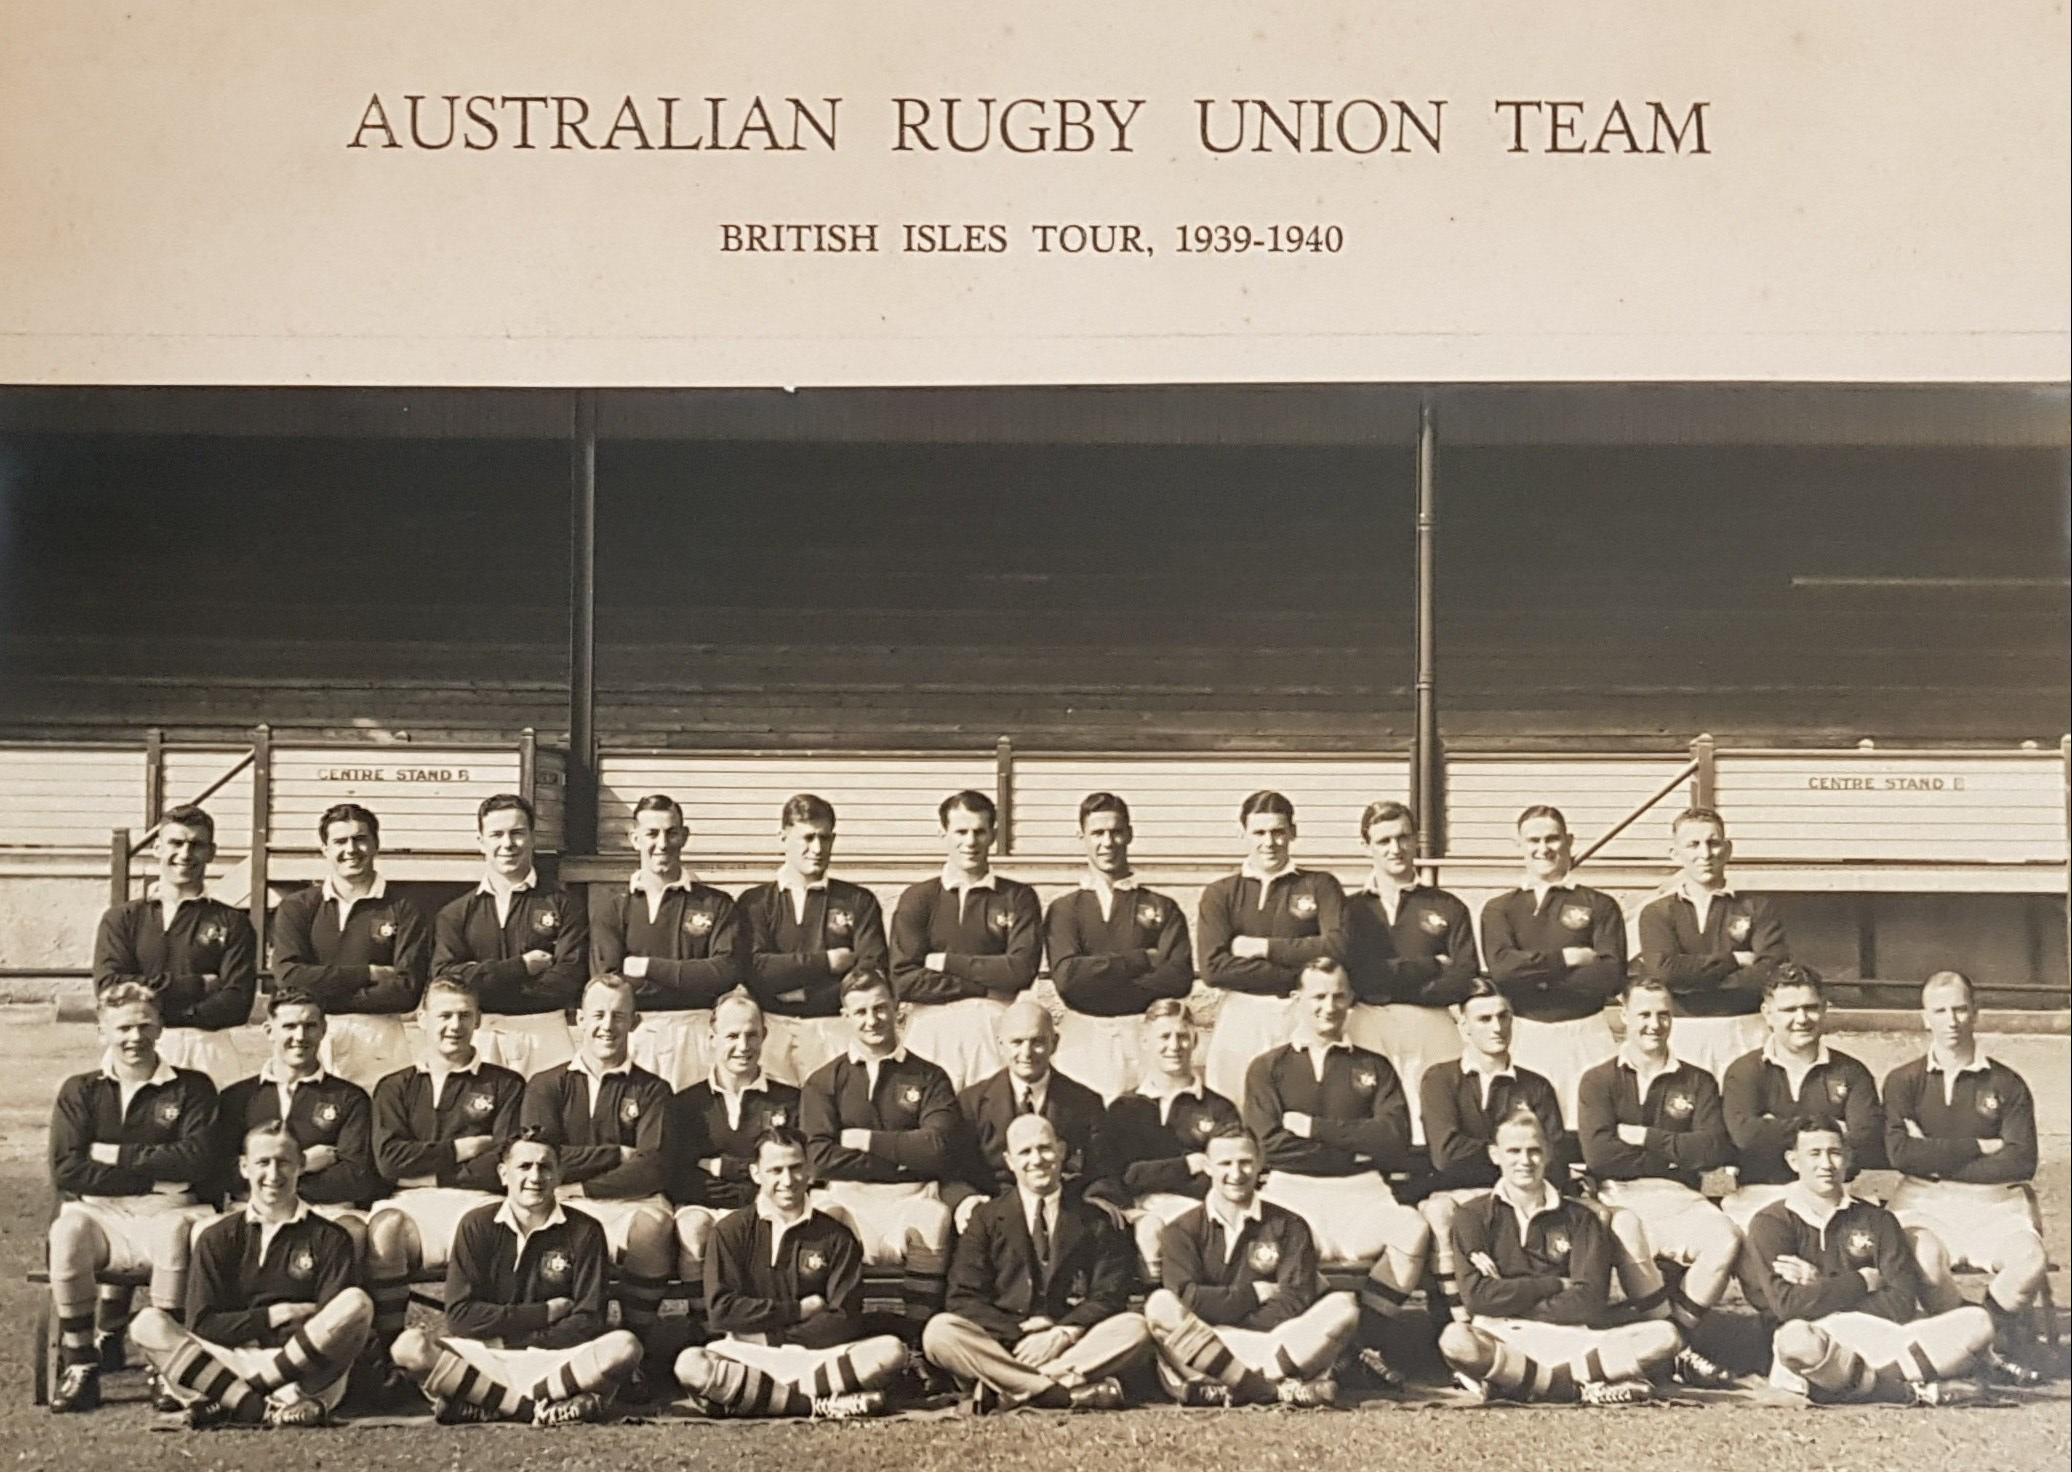 1939 wallabies team